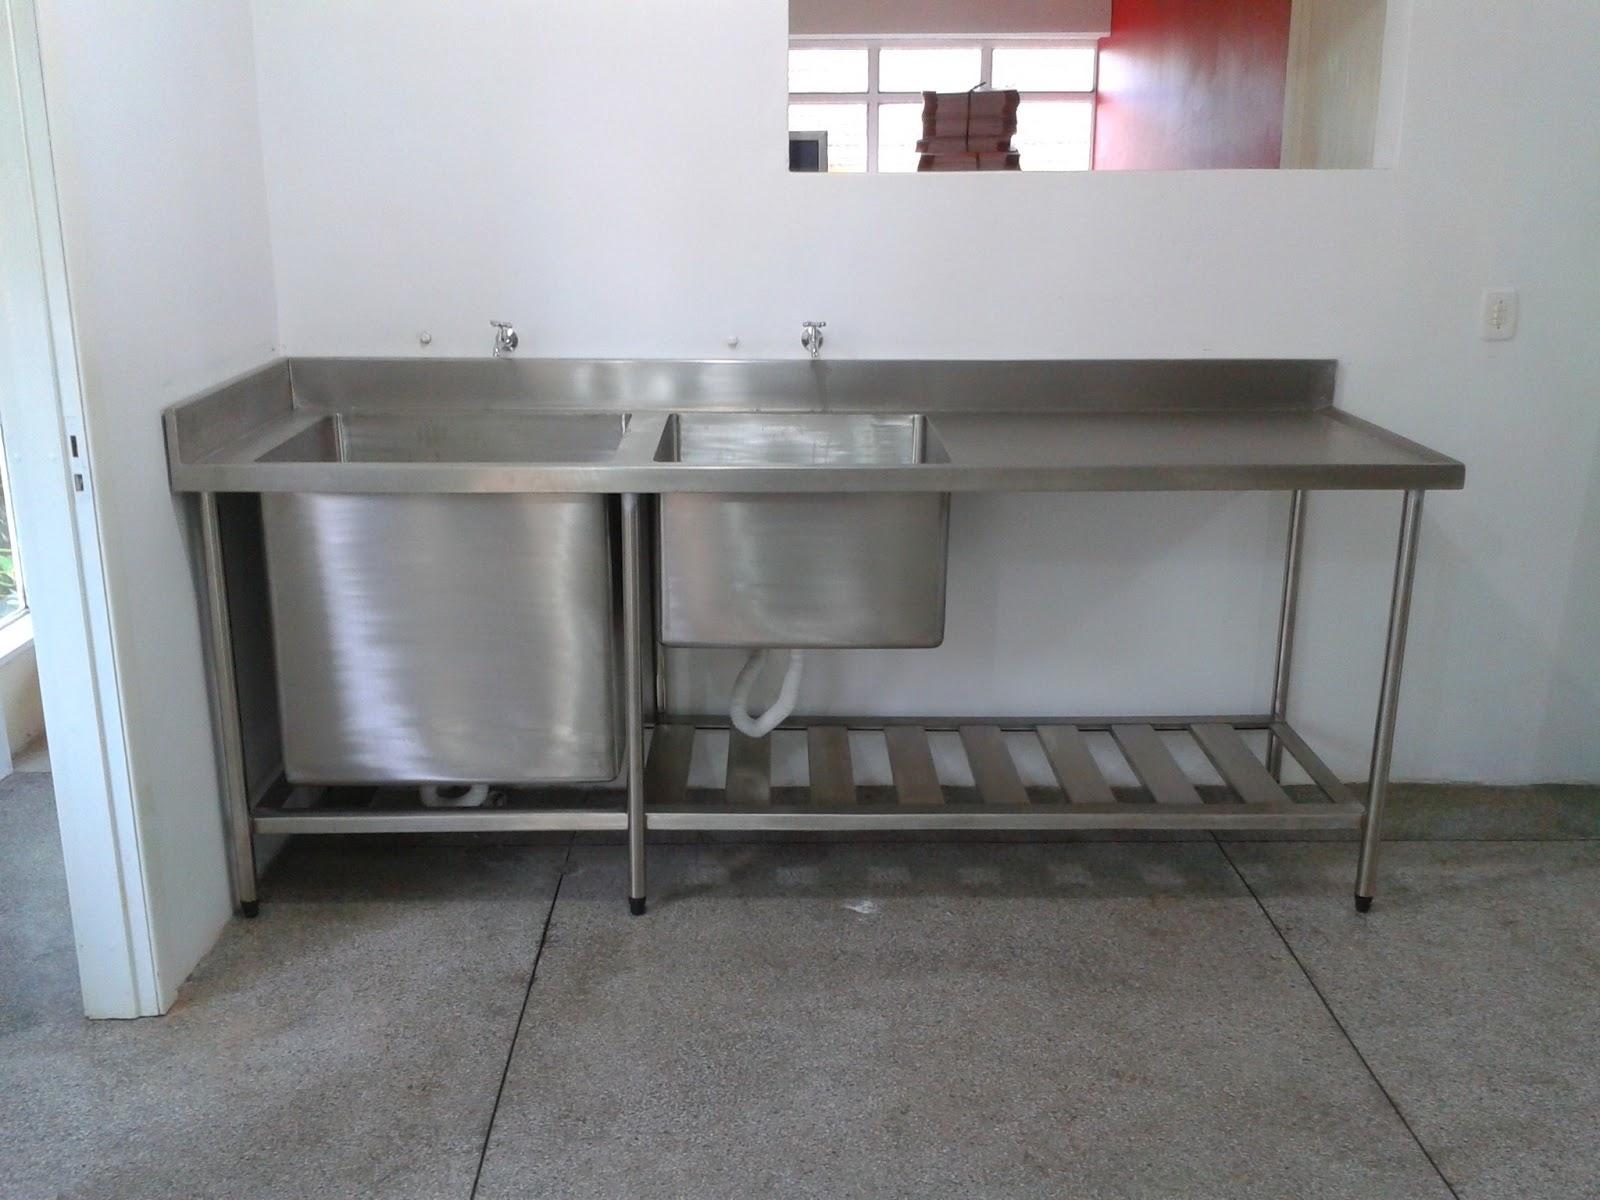 Wibamp Com Pia Cuba Inox Cozinha Industrial Id Ias Do Projeto Da